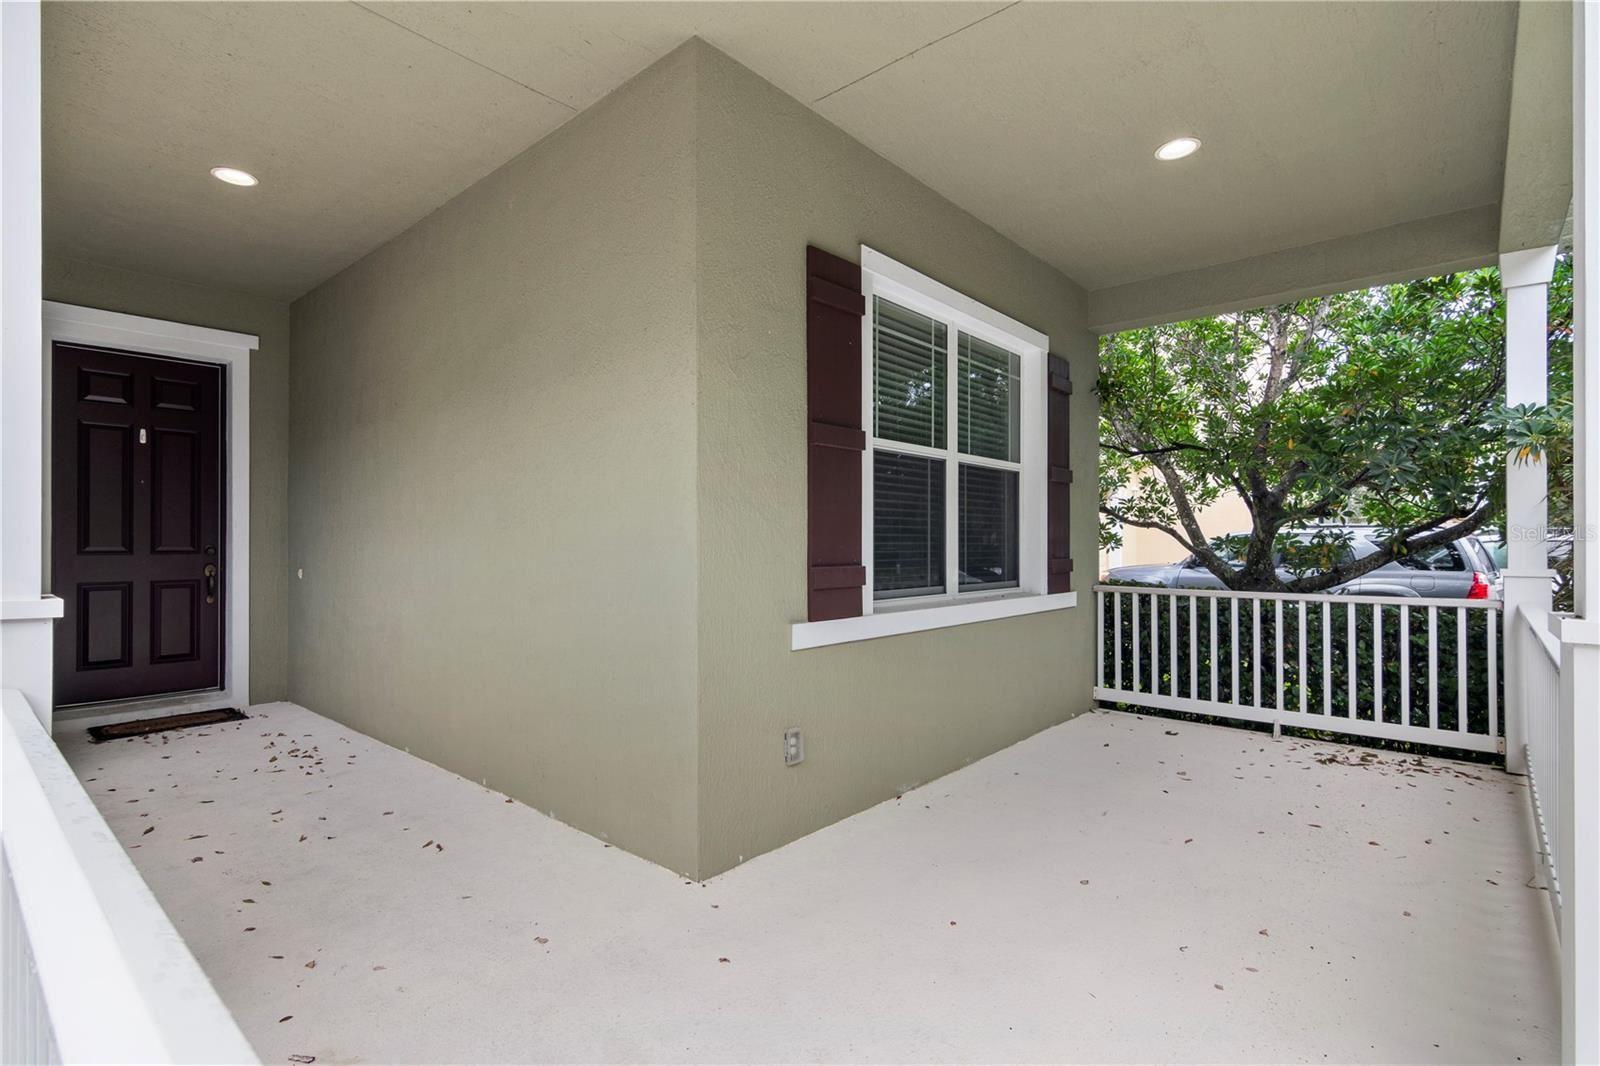 Photo of 6537 HELMSLEY CIRCLE, WINDERMERE, FL 34786 (MLS # G5047580)